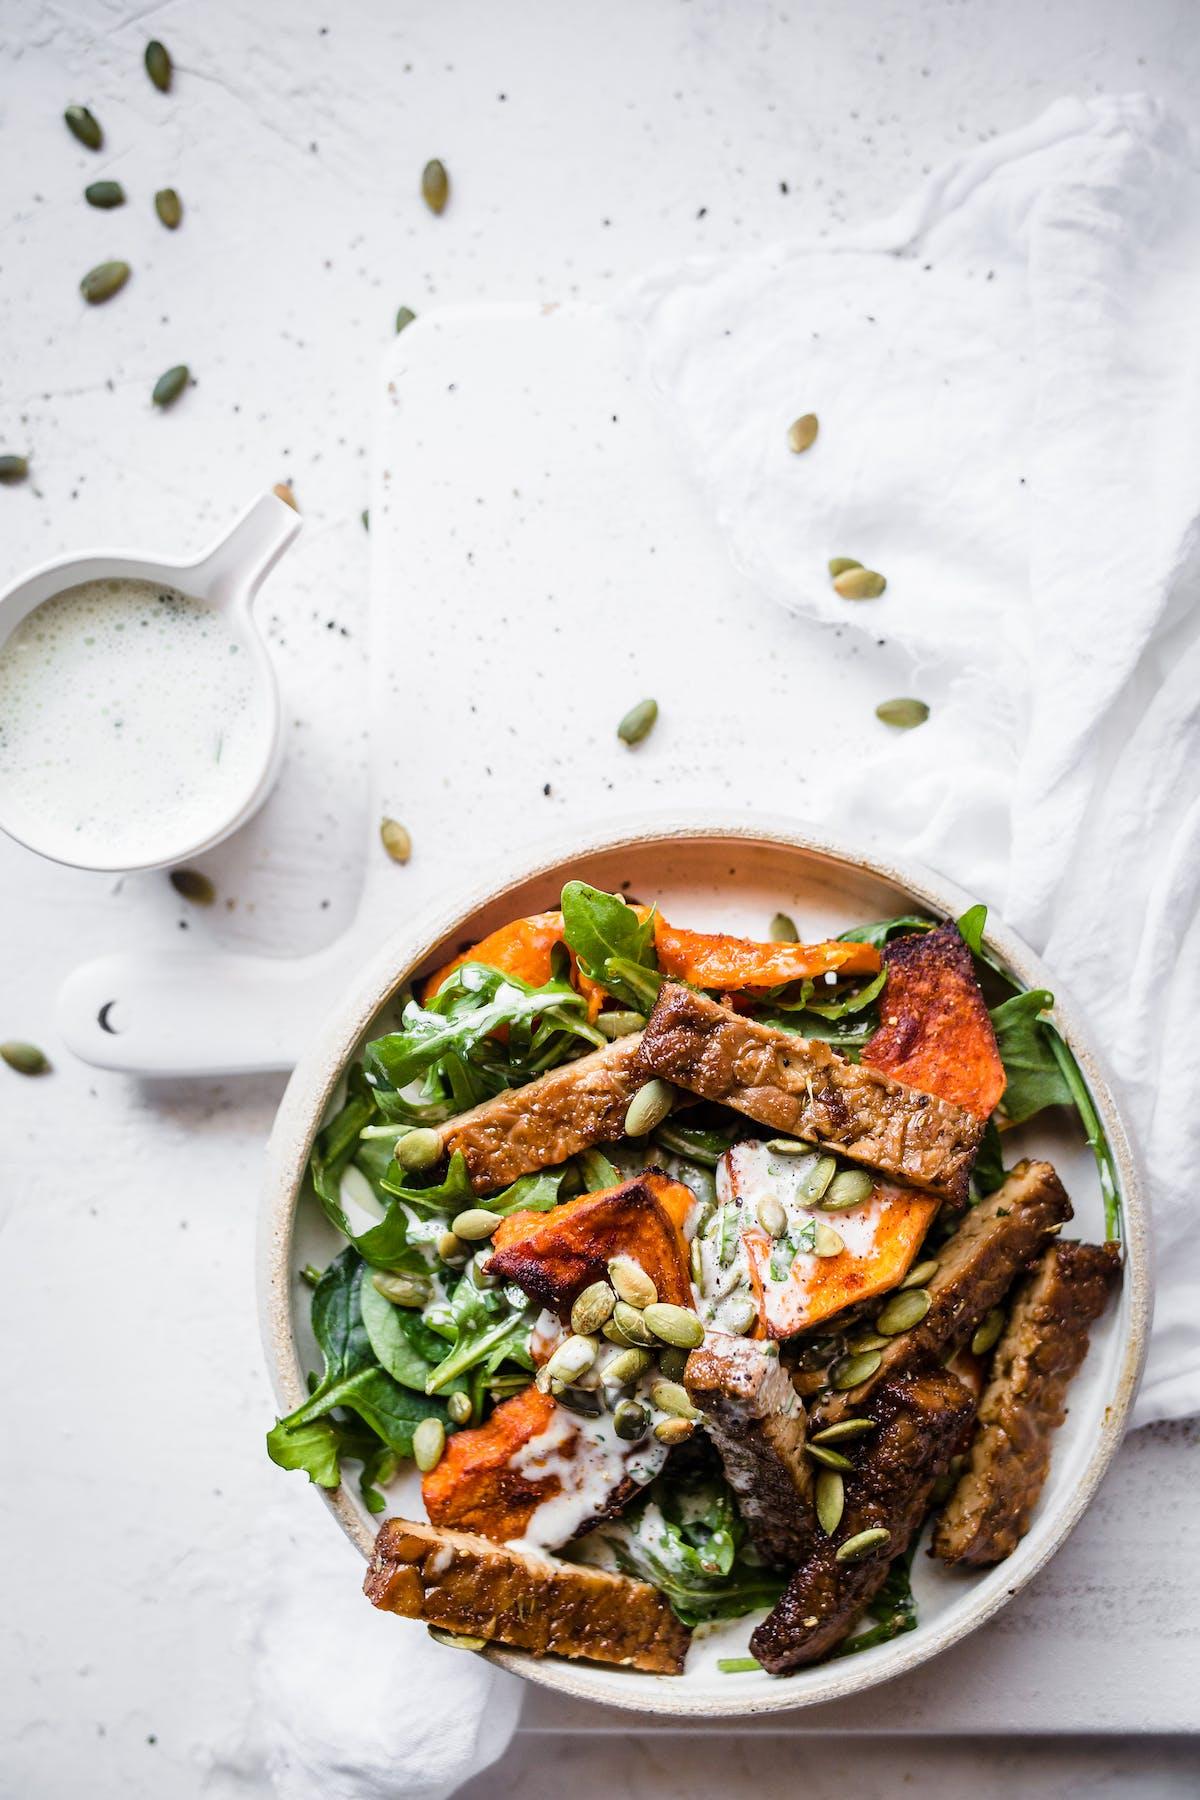 Low-carb vegan tempeh pumpkin bowl with herb dressing